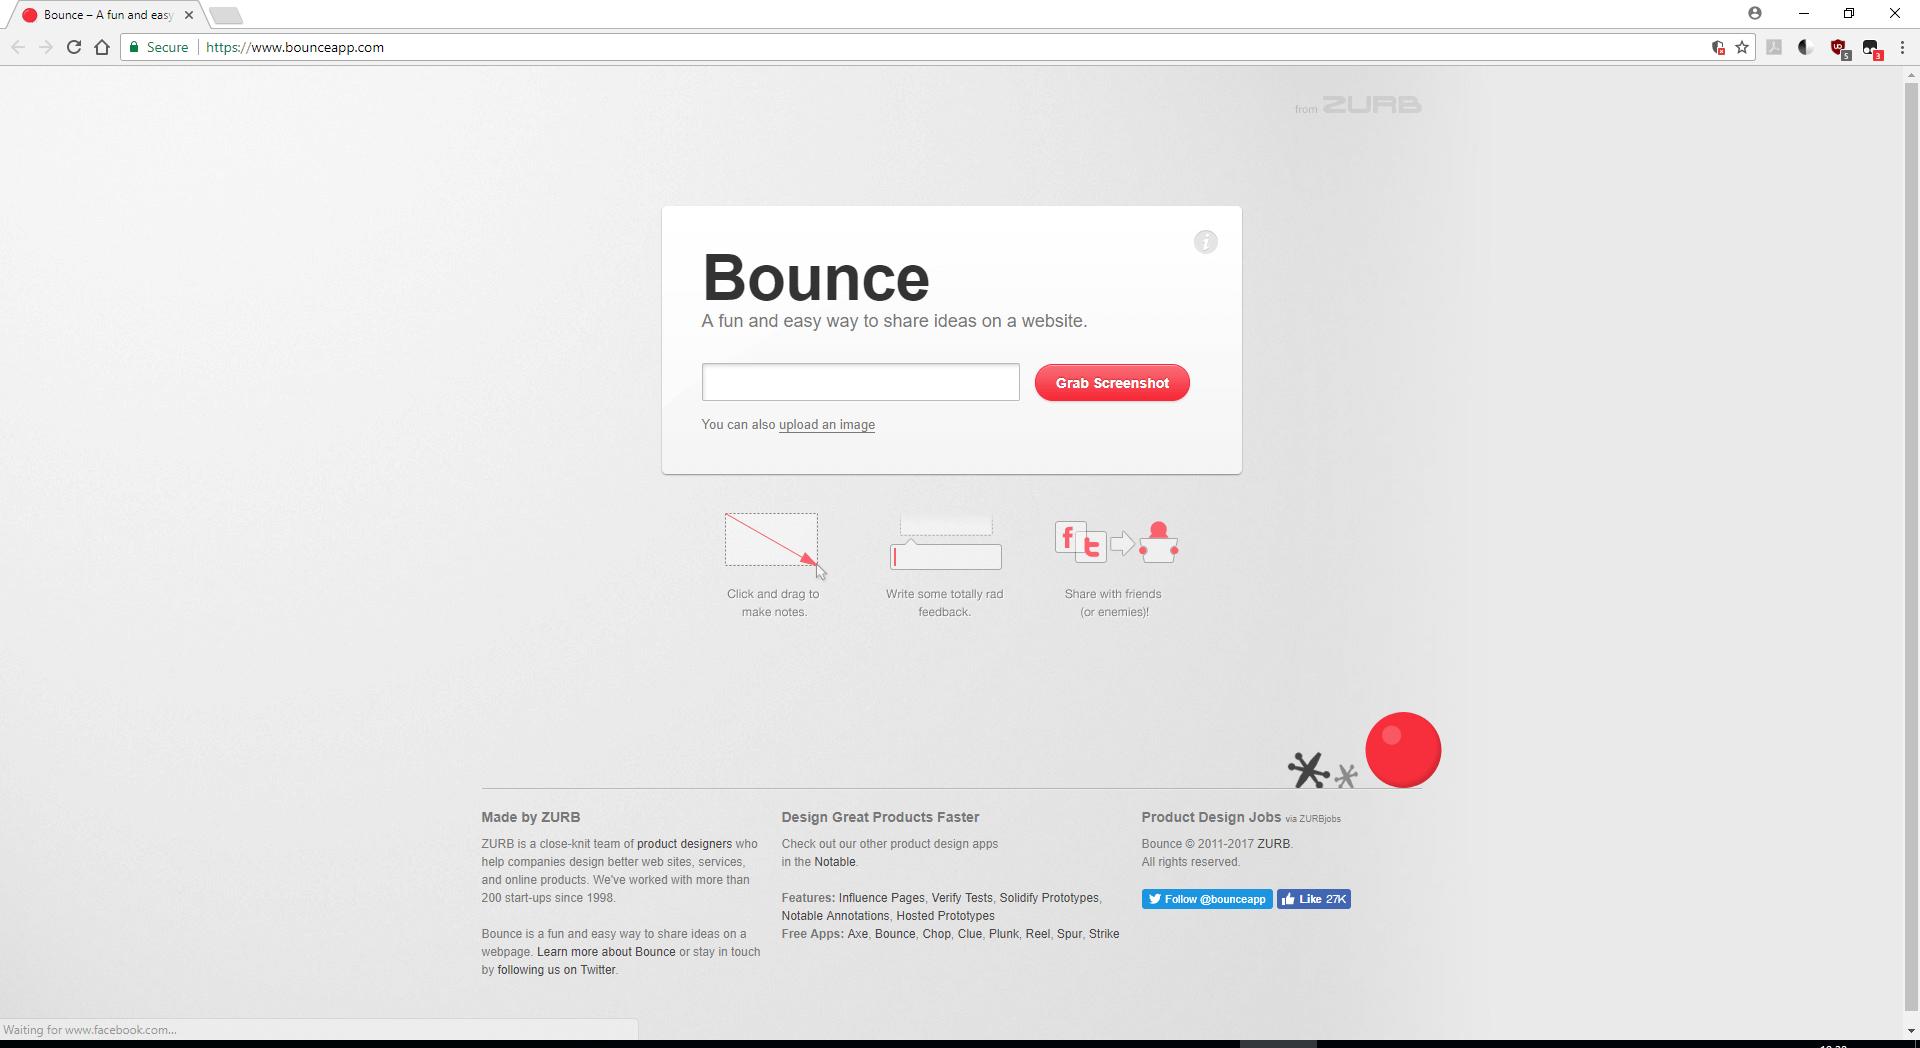 bounceapp.com